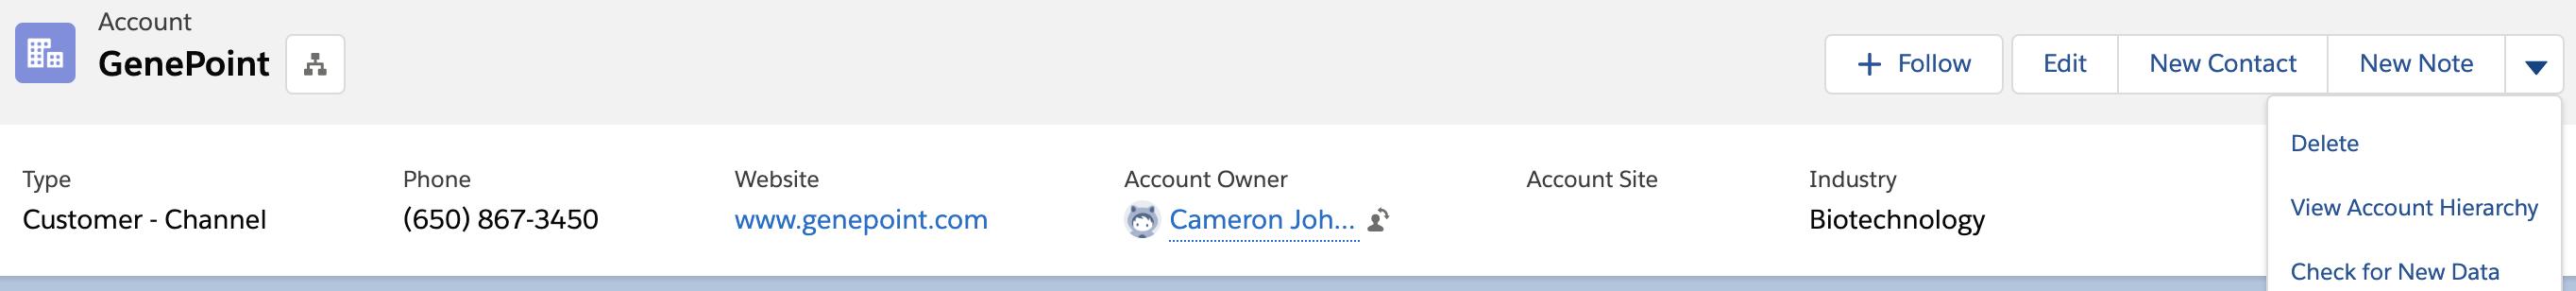 GenePoint 取引先。[Delete (削除)] ボタンが表示されています。